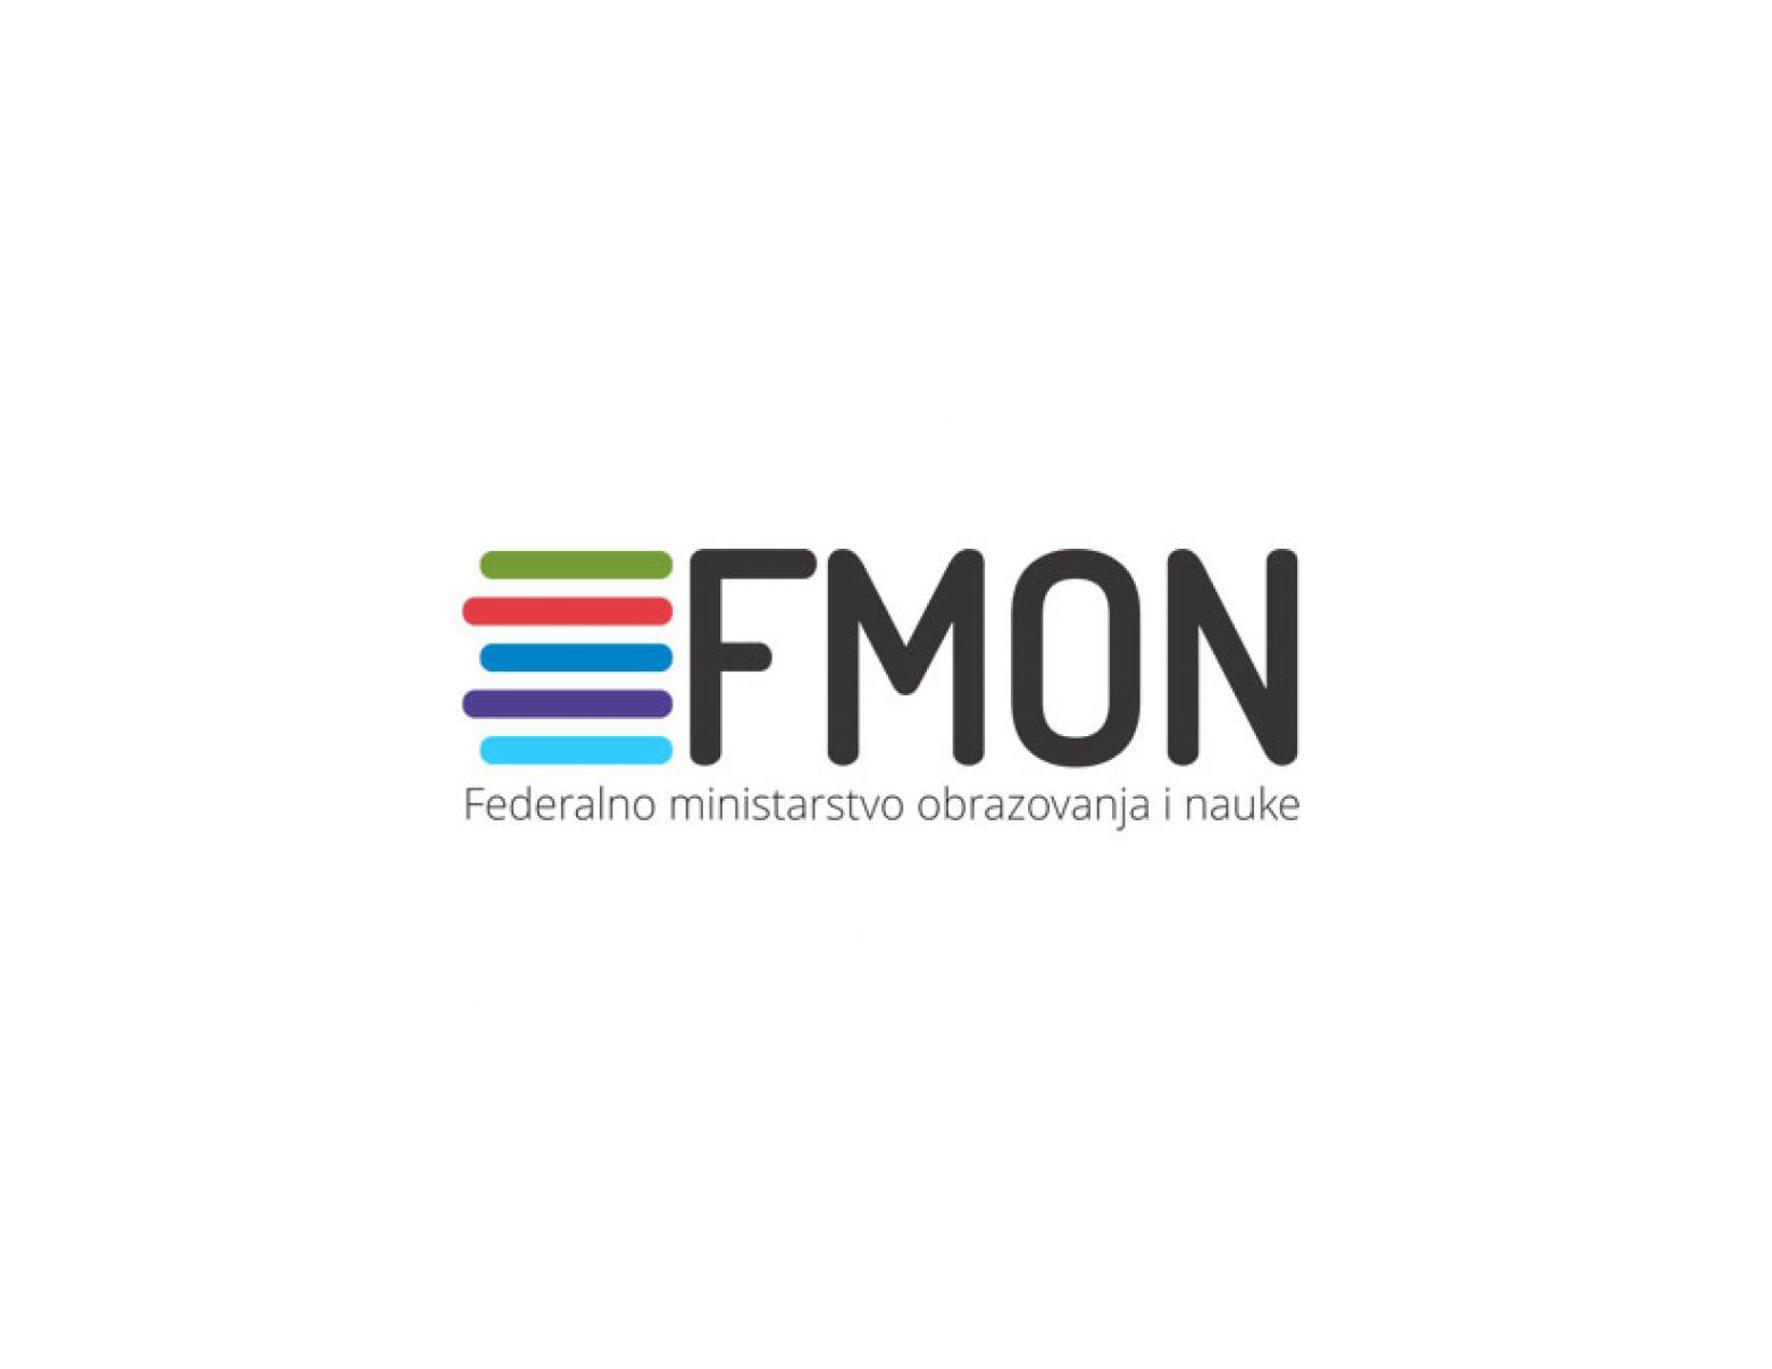 Konkurs za finansiranje/sufinansiranje naučno-istraživačkih i istraživačko-razvojnih projekata u Federaciji Bosne i Hercegovine u 2021. godini